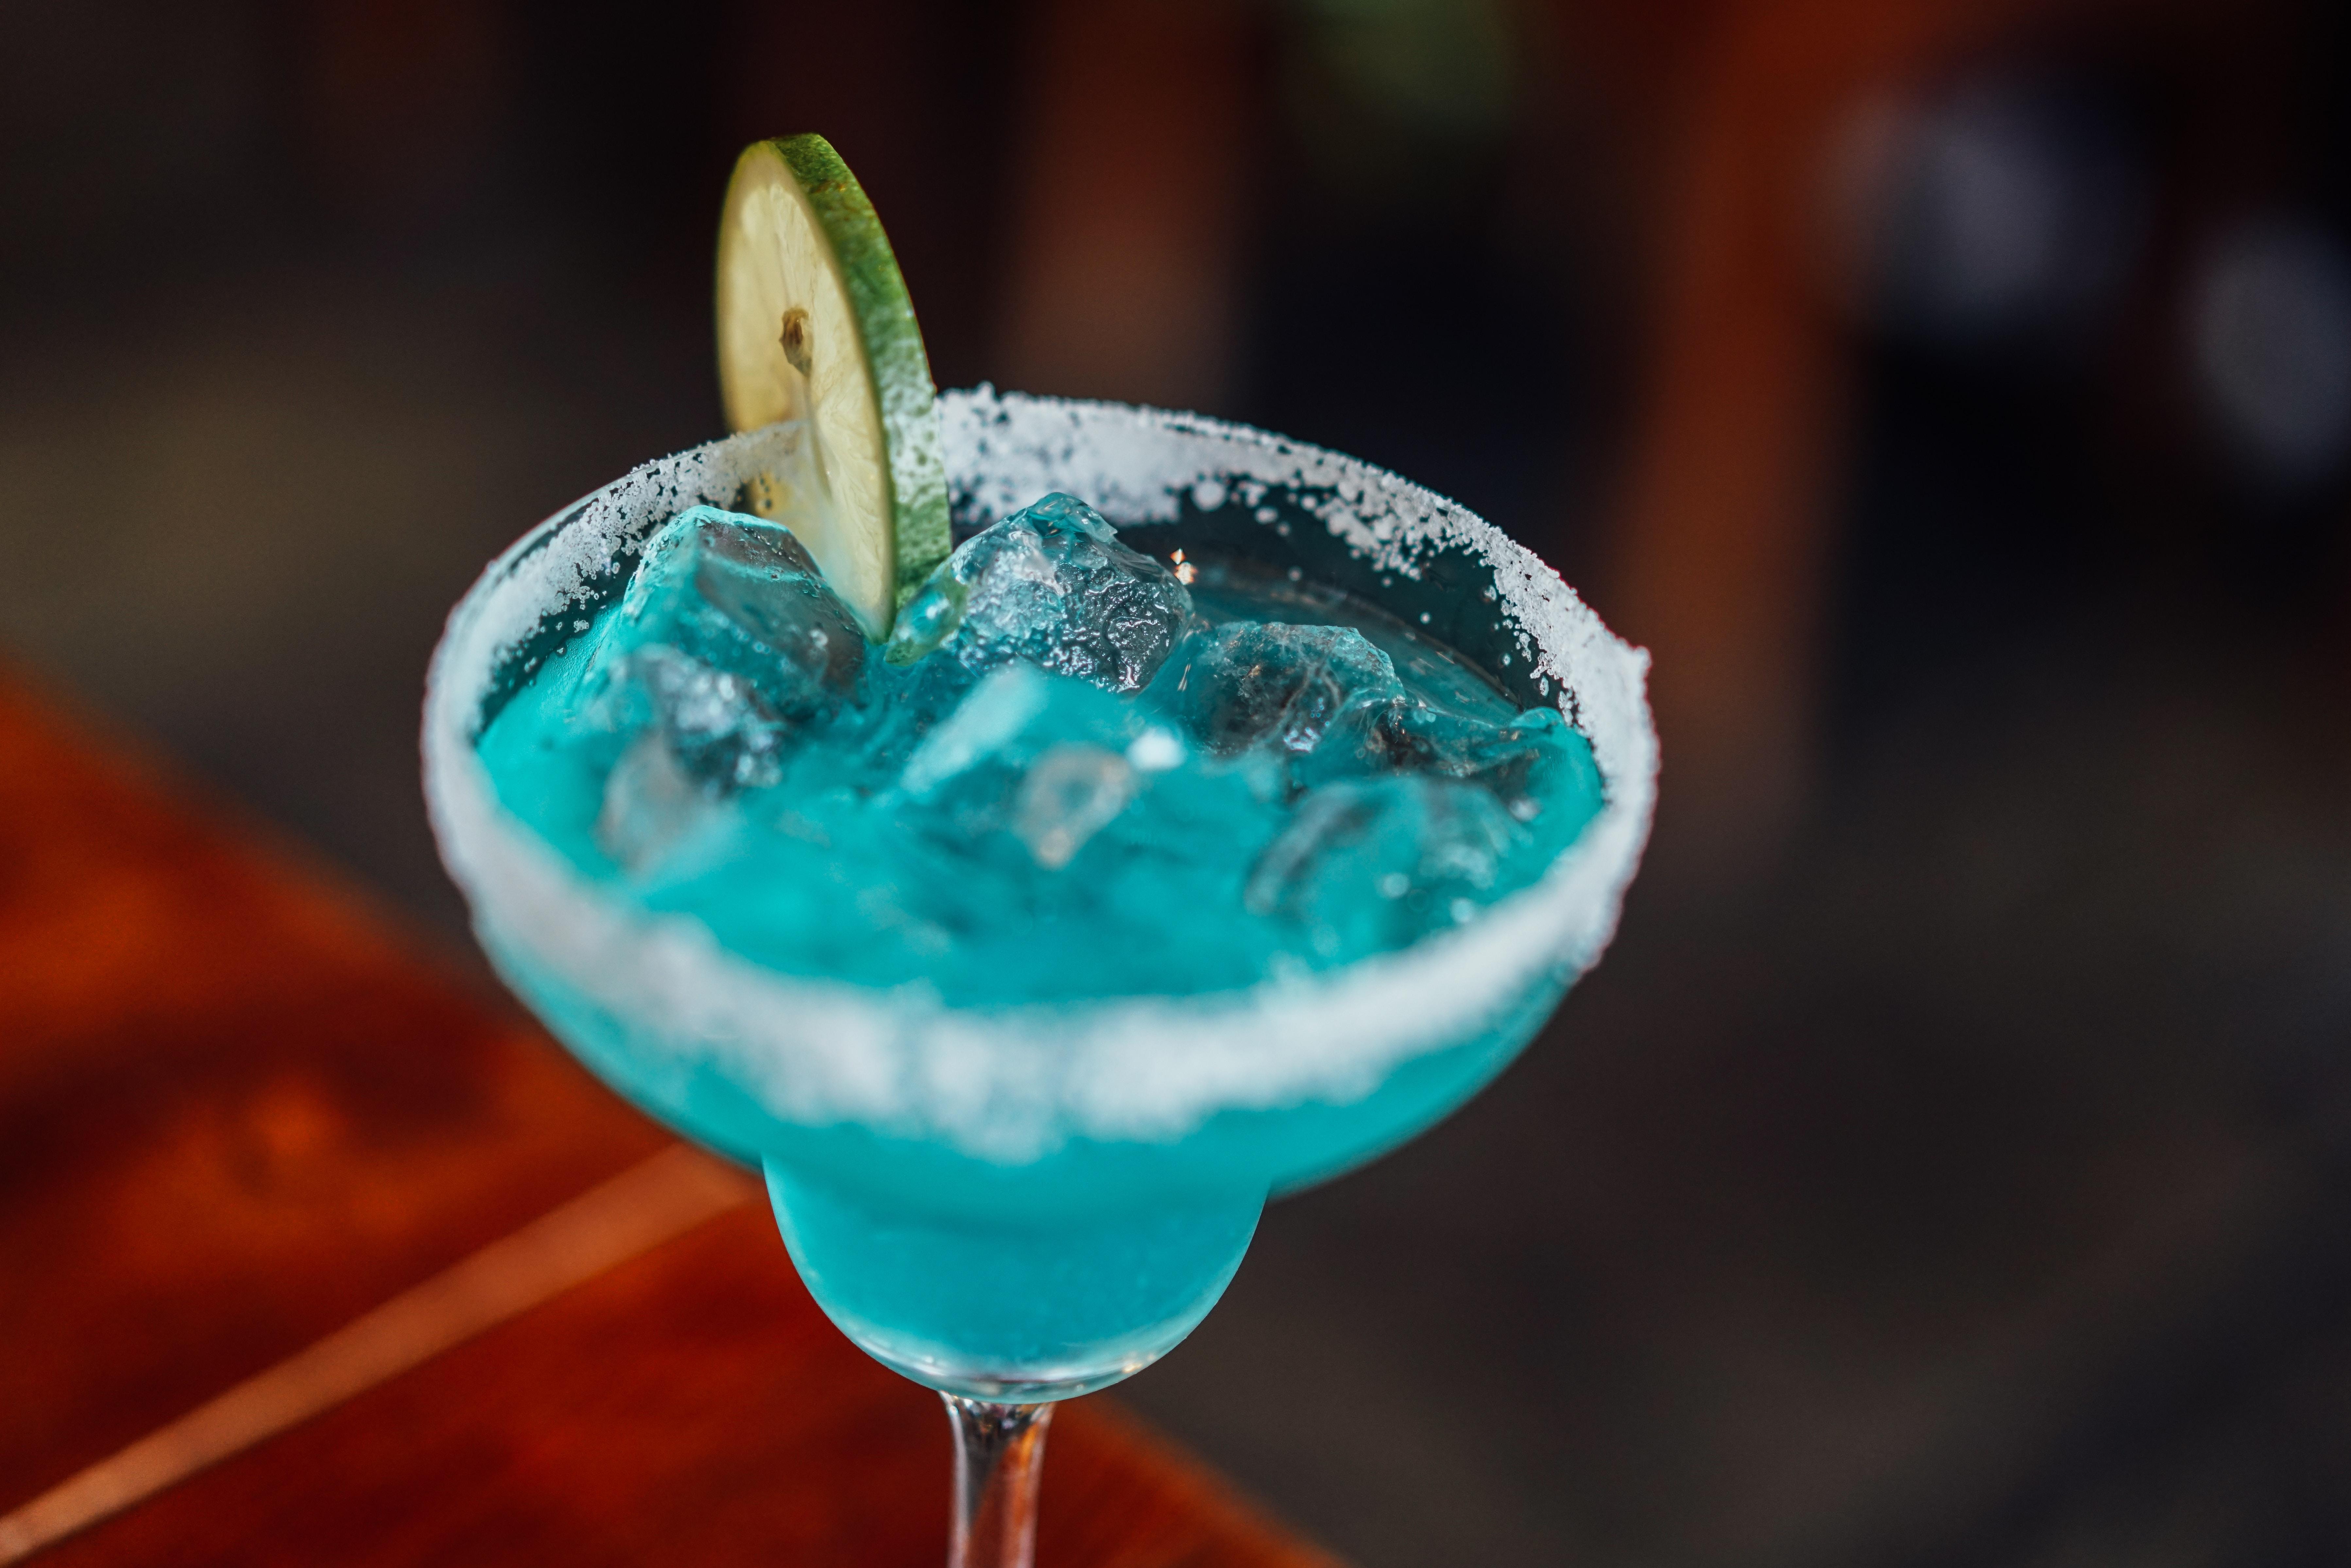 cocktail de luxe que l'on pouvait boire à cette époque